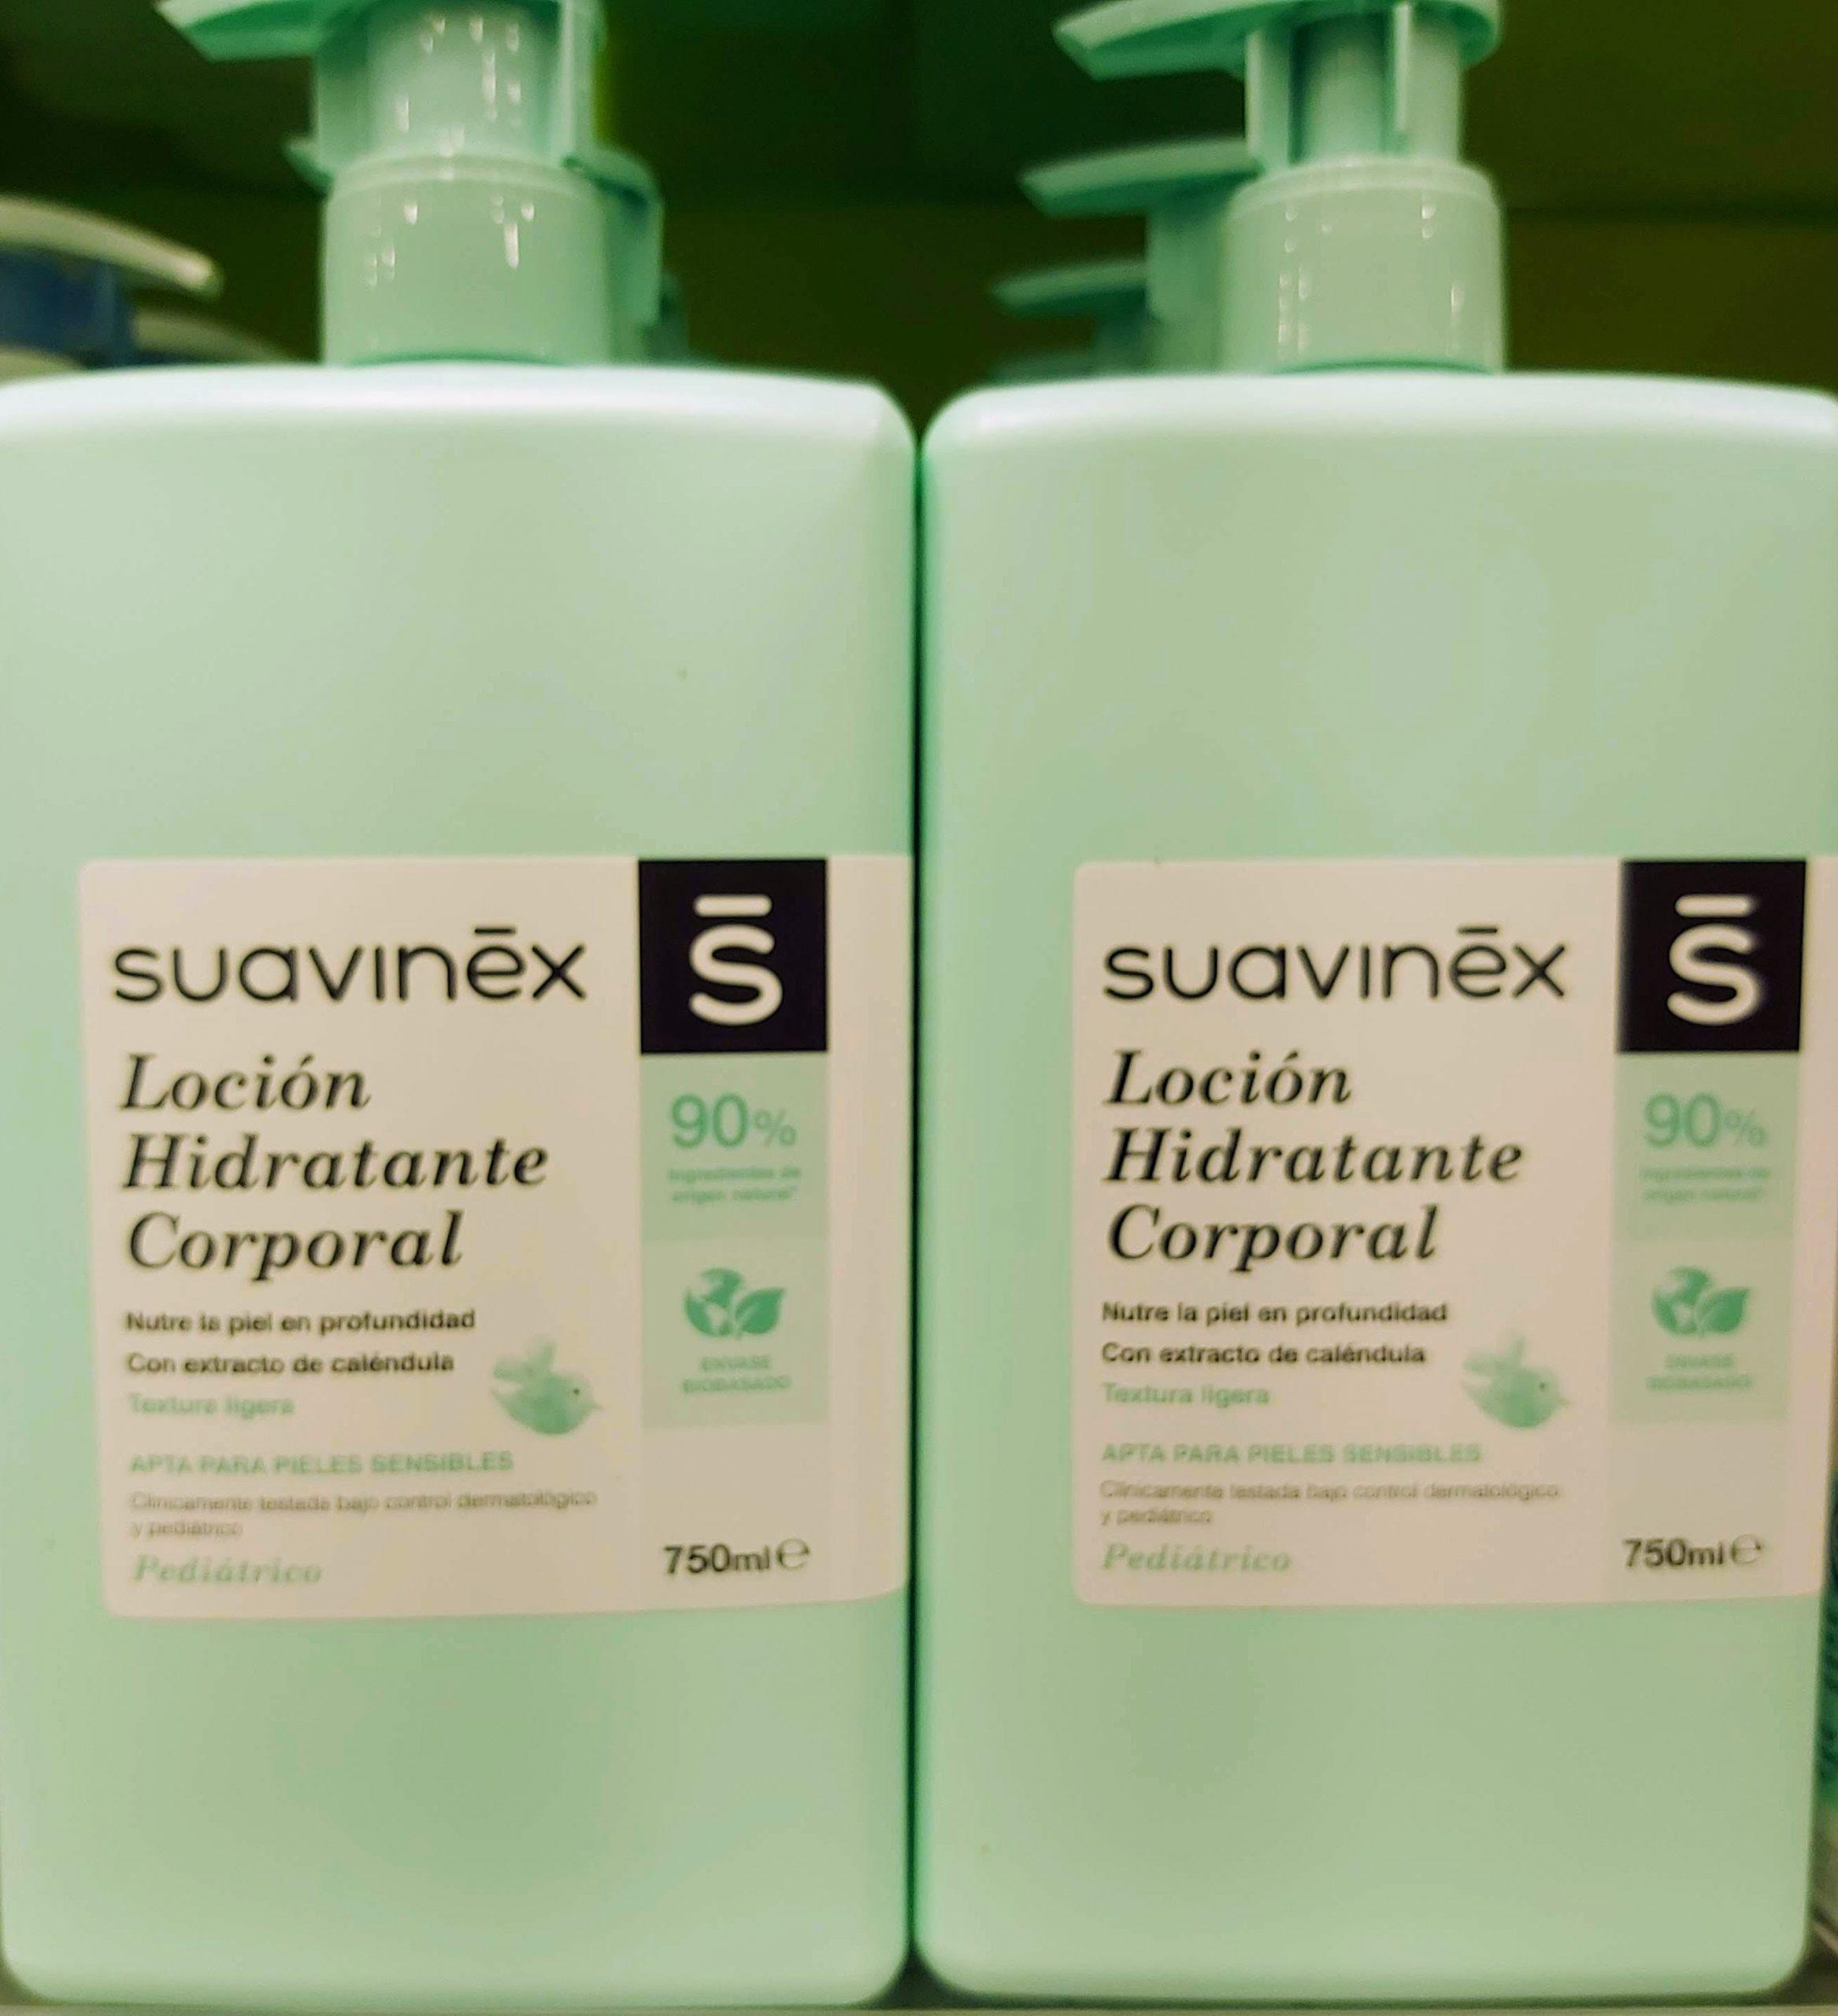 La loción hidratante masaje para bebés de Suavinex hidrata en profundidad la piel del bebé. Es perfecta para masajes después del baño gracias a su textura ligera y rápida absorción